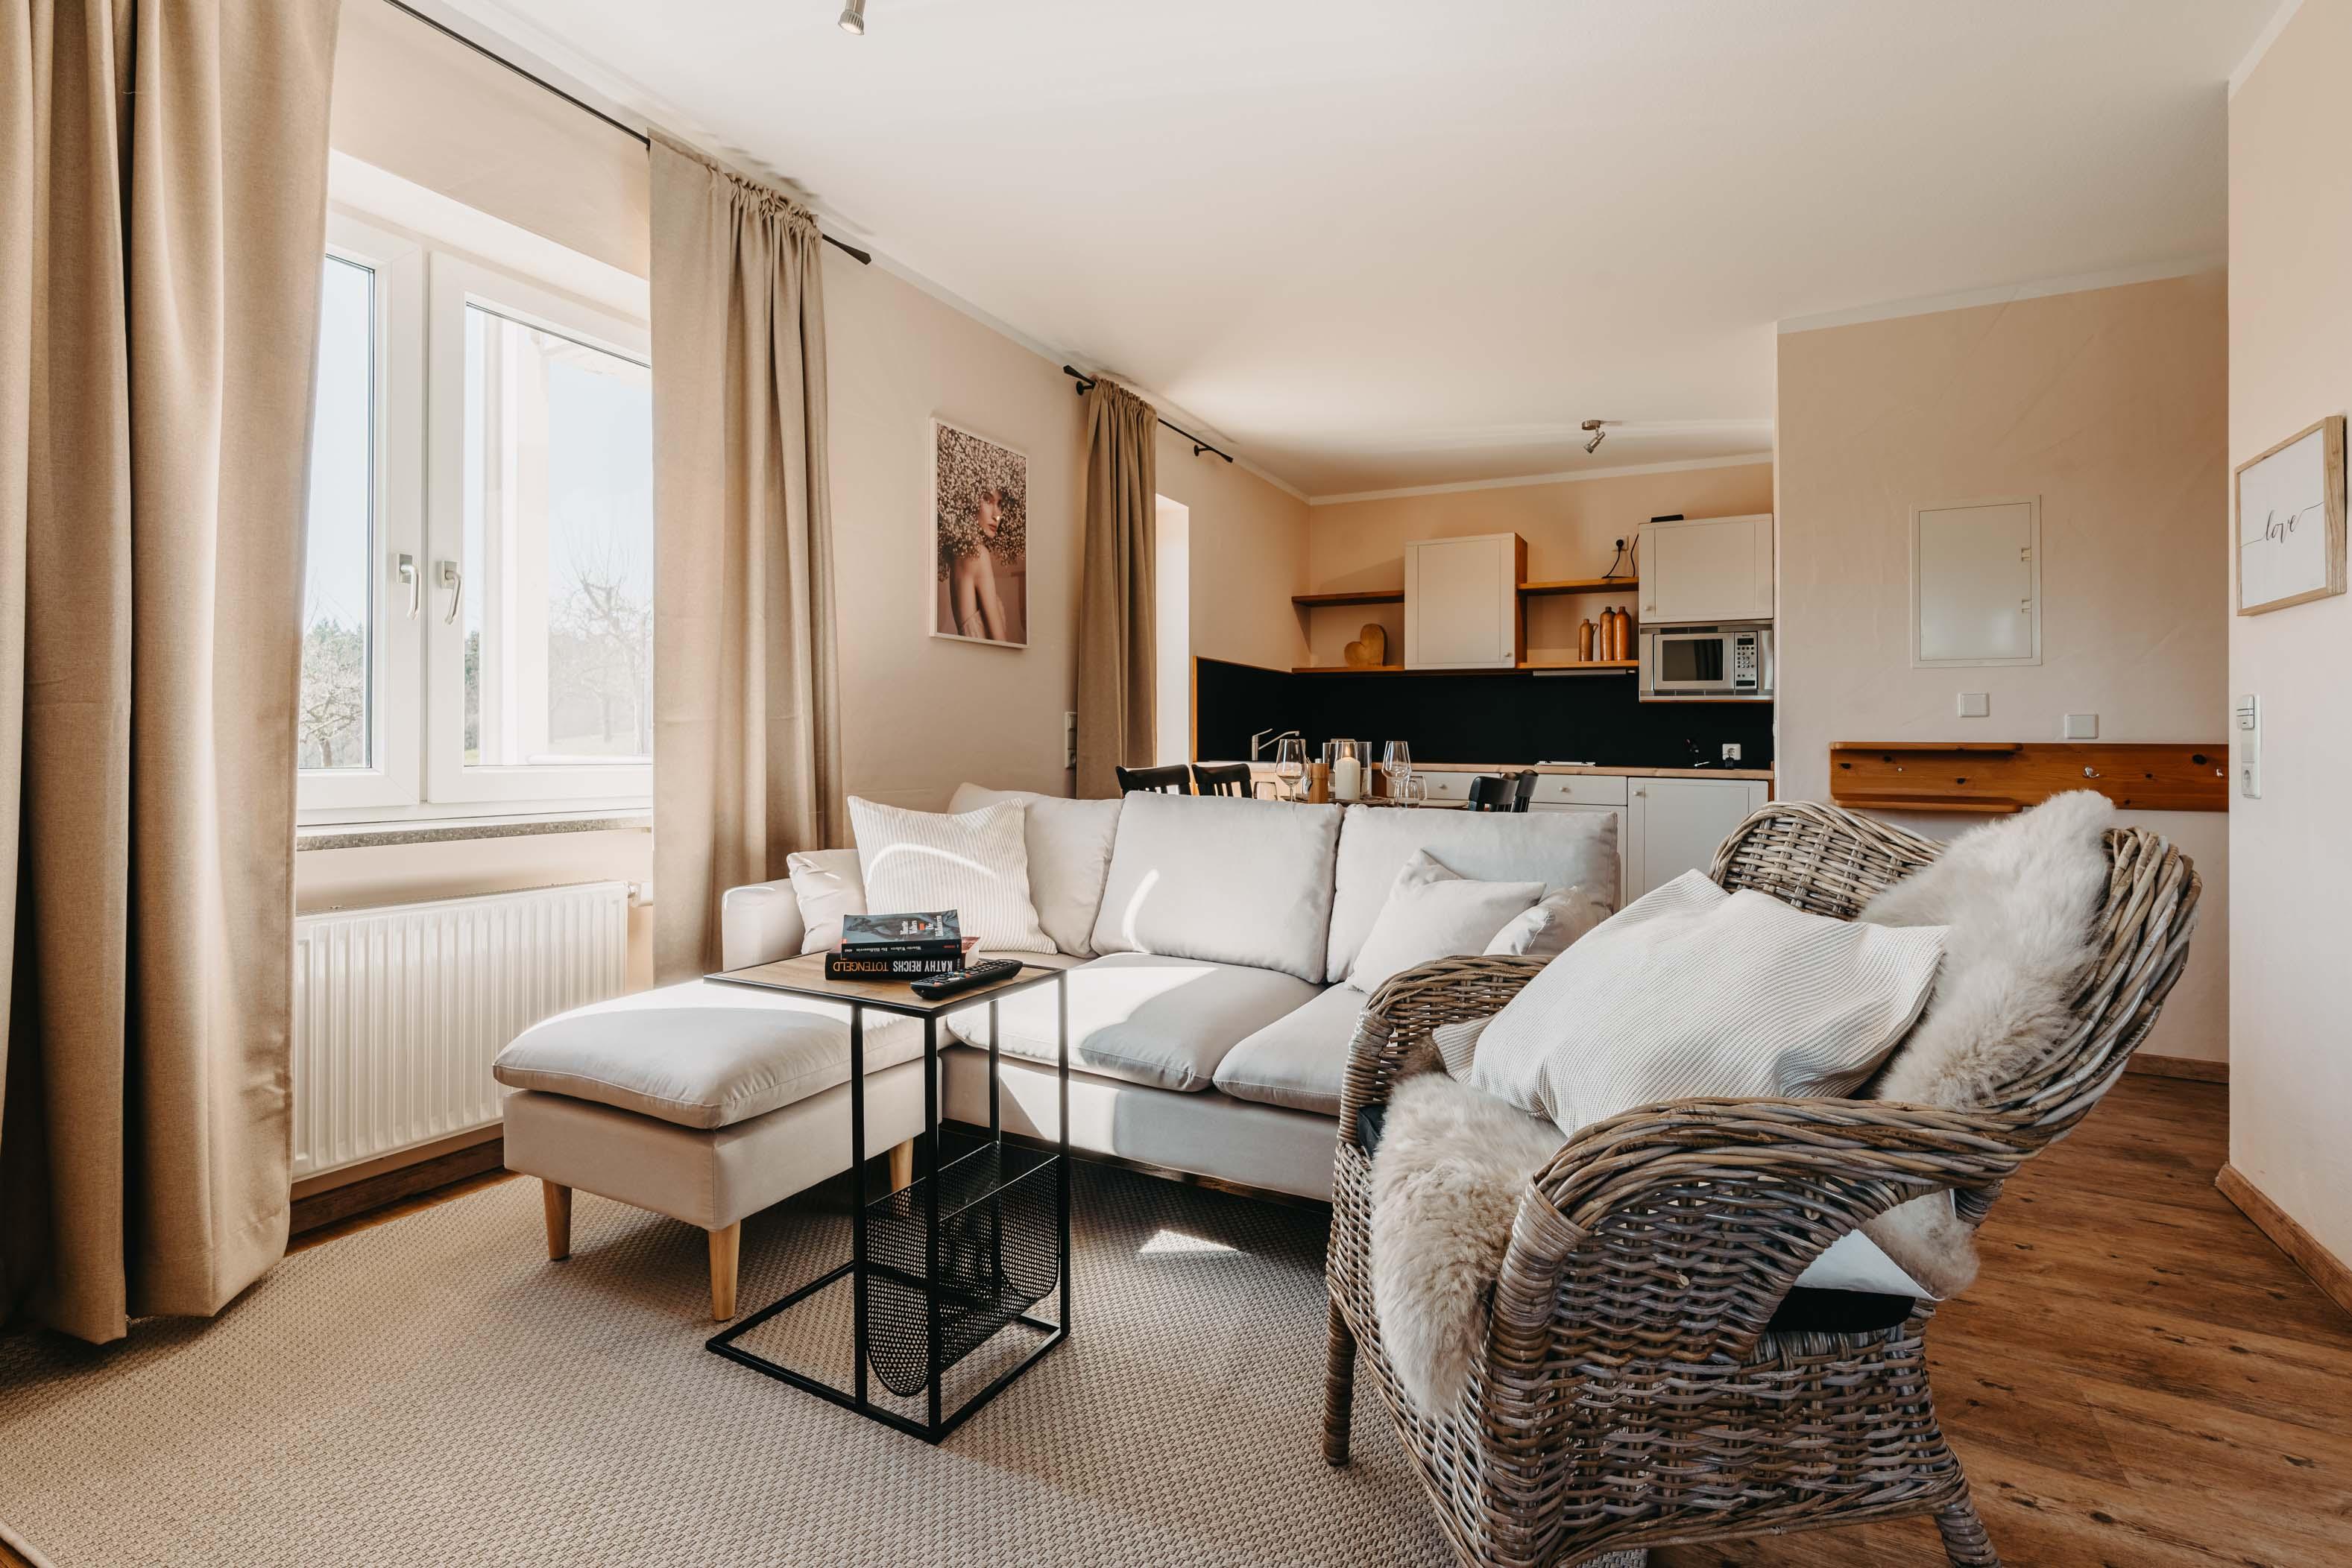 Picture of a hotel room in Becksteiner Rebenhof.